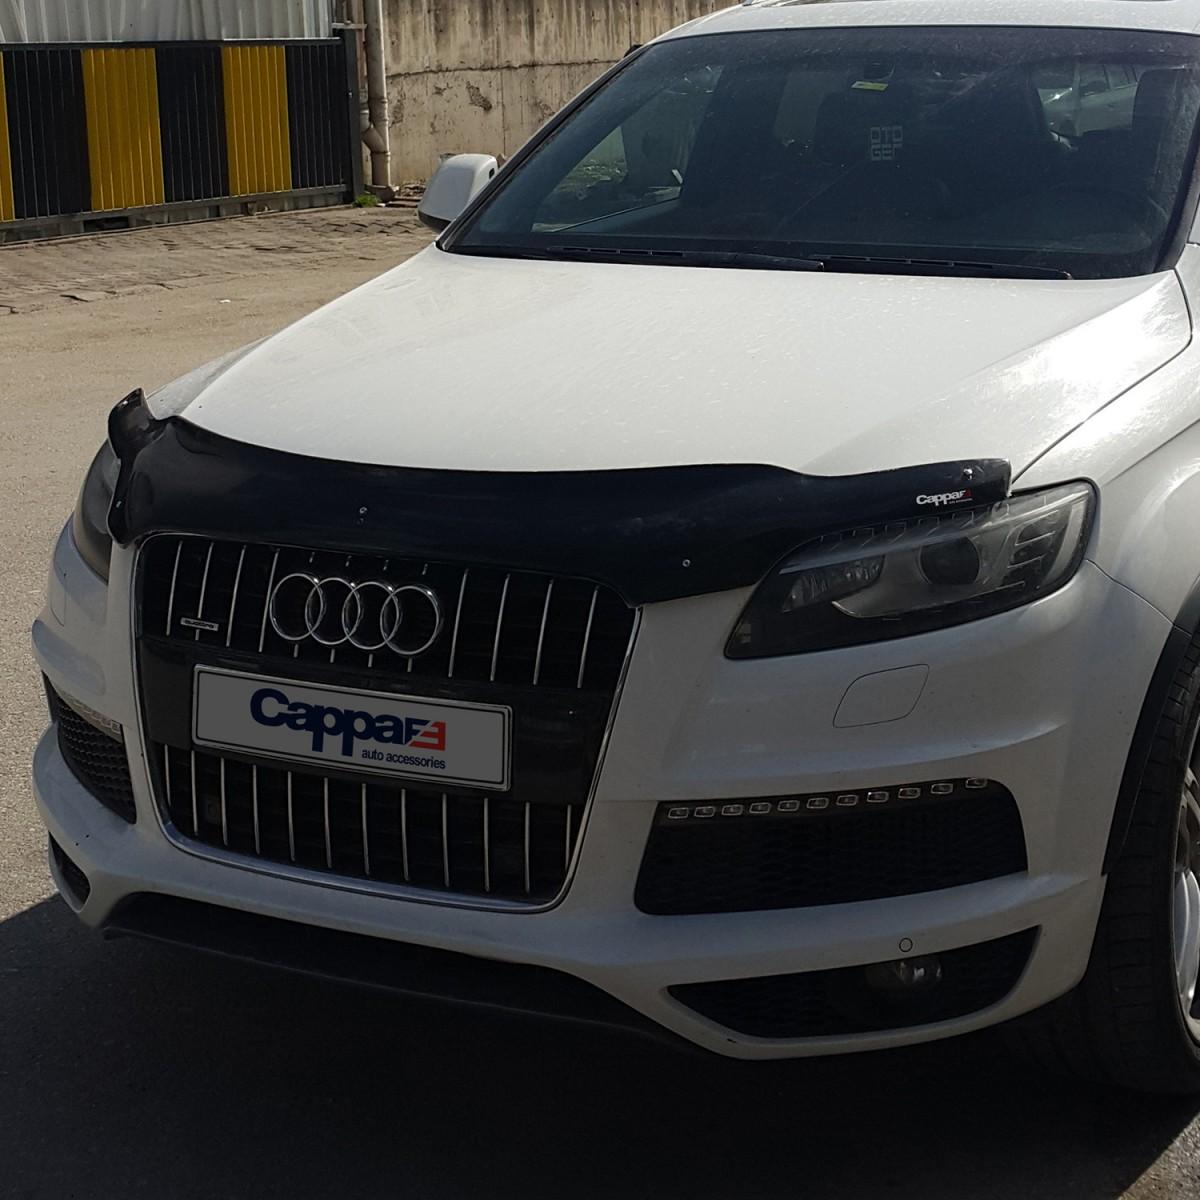 Audi Q7 Ön Kaput Koruyucu Rüzgarlığı 2005-2015 Yılı Arası